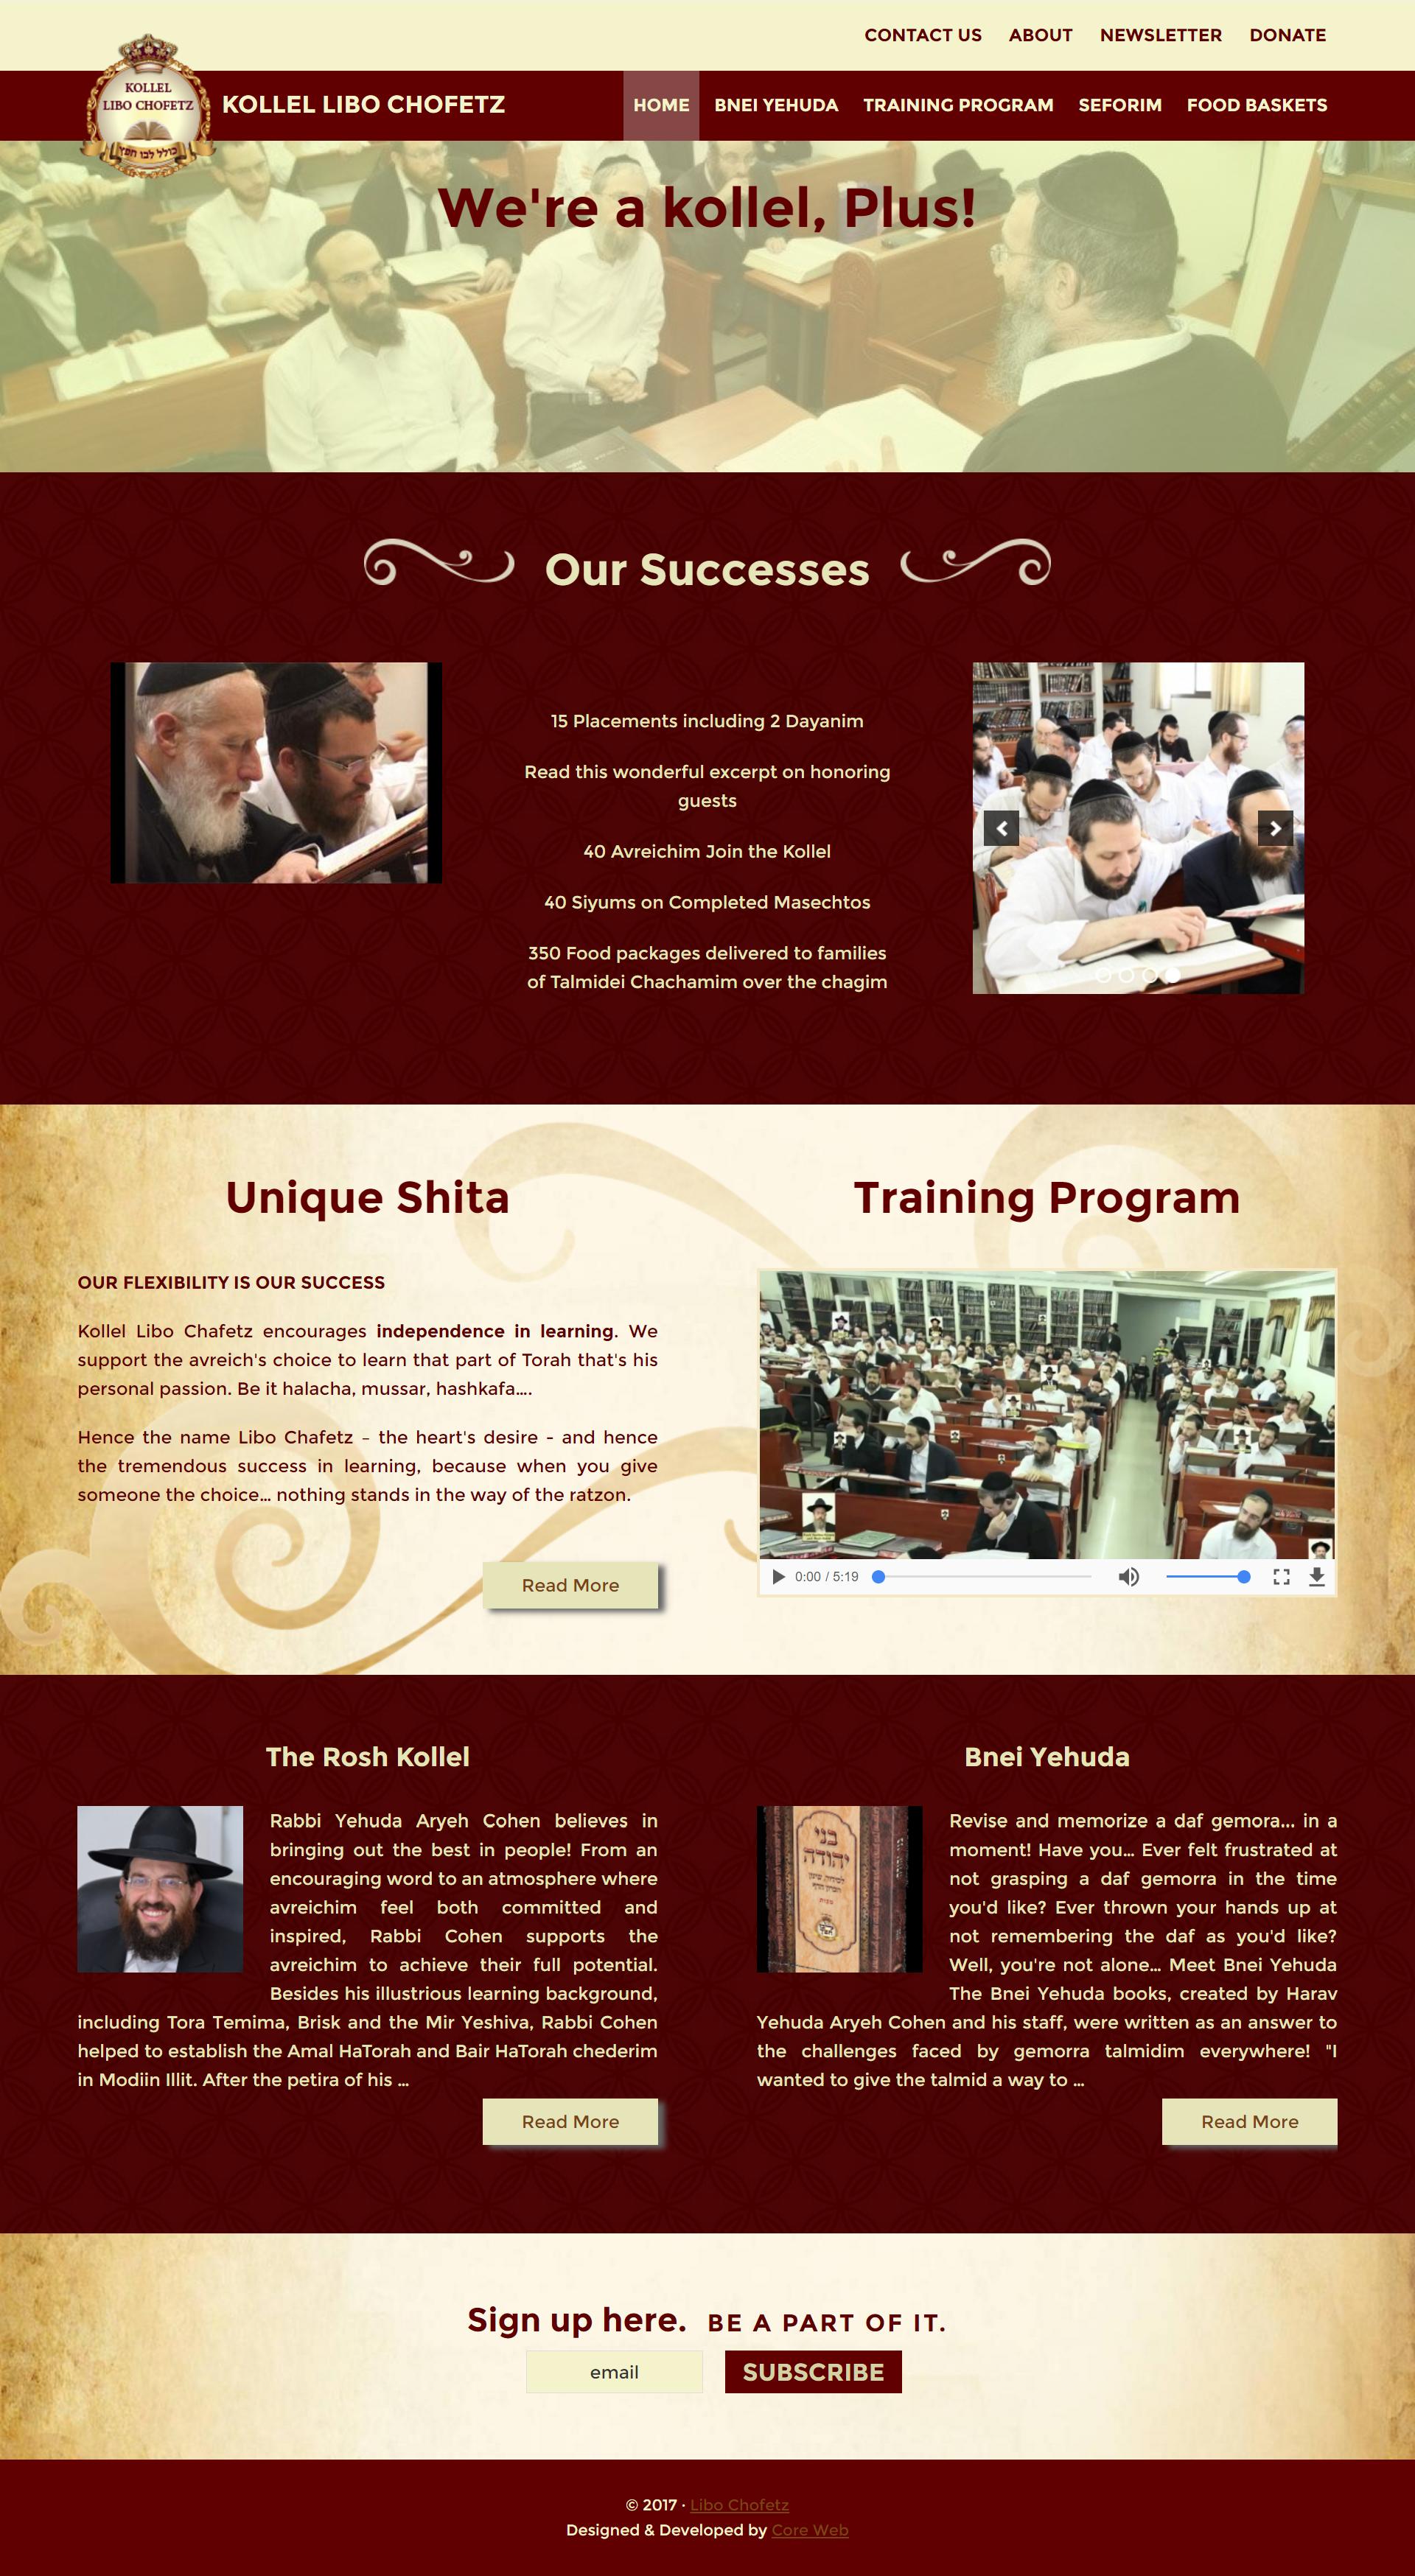 Kollel Libo Chofetz Home Page